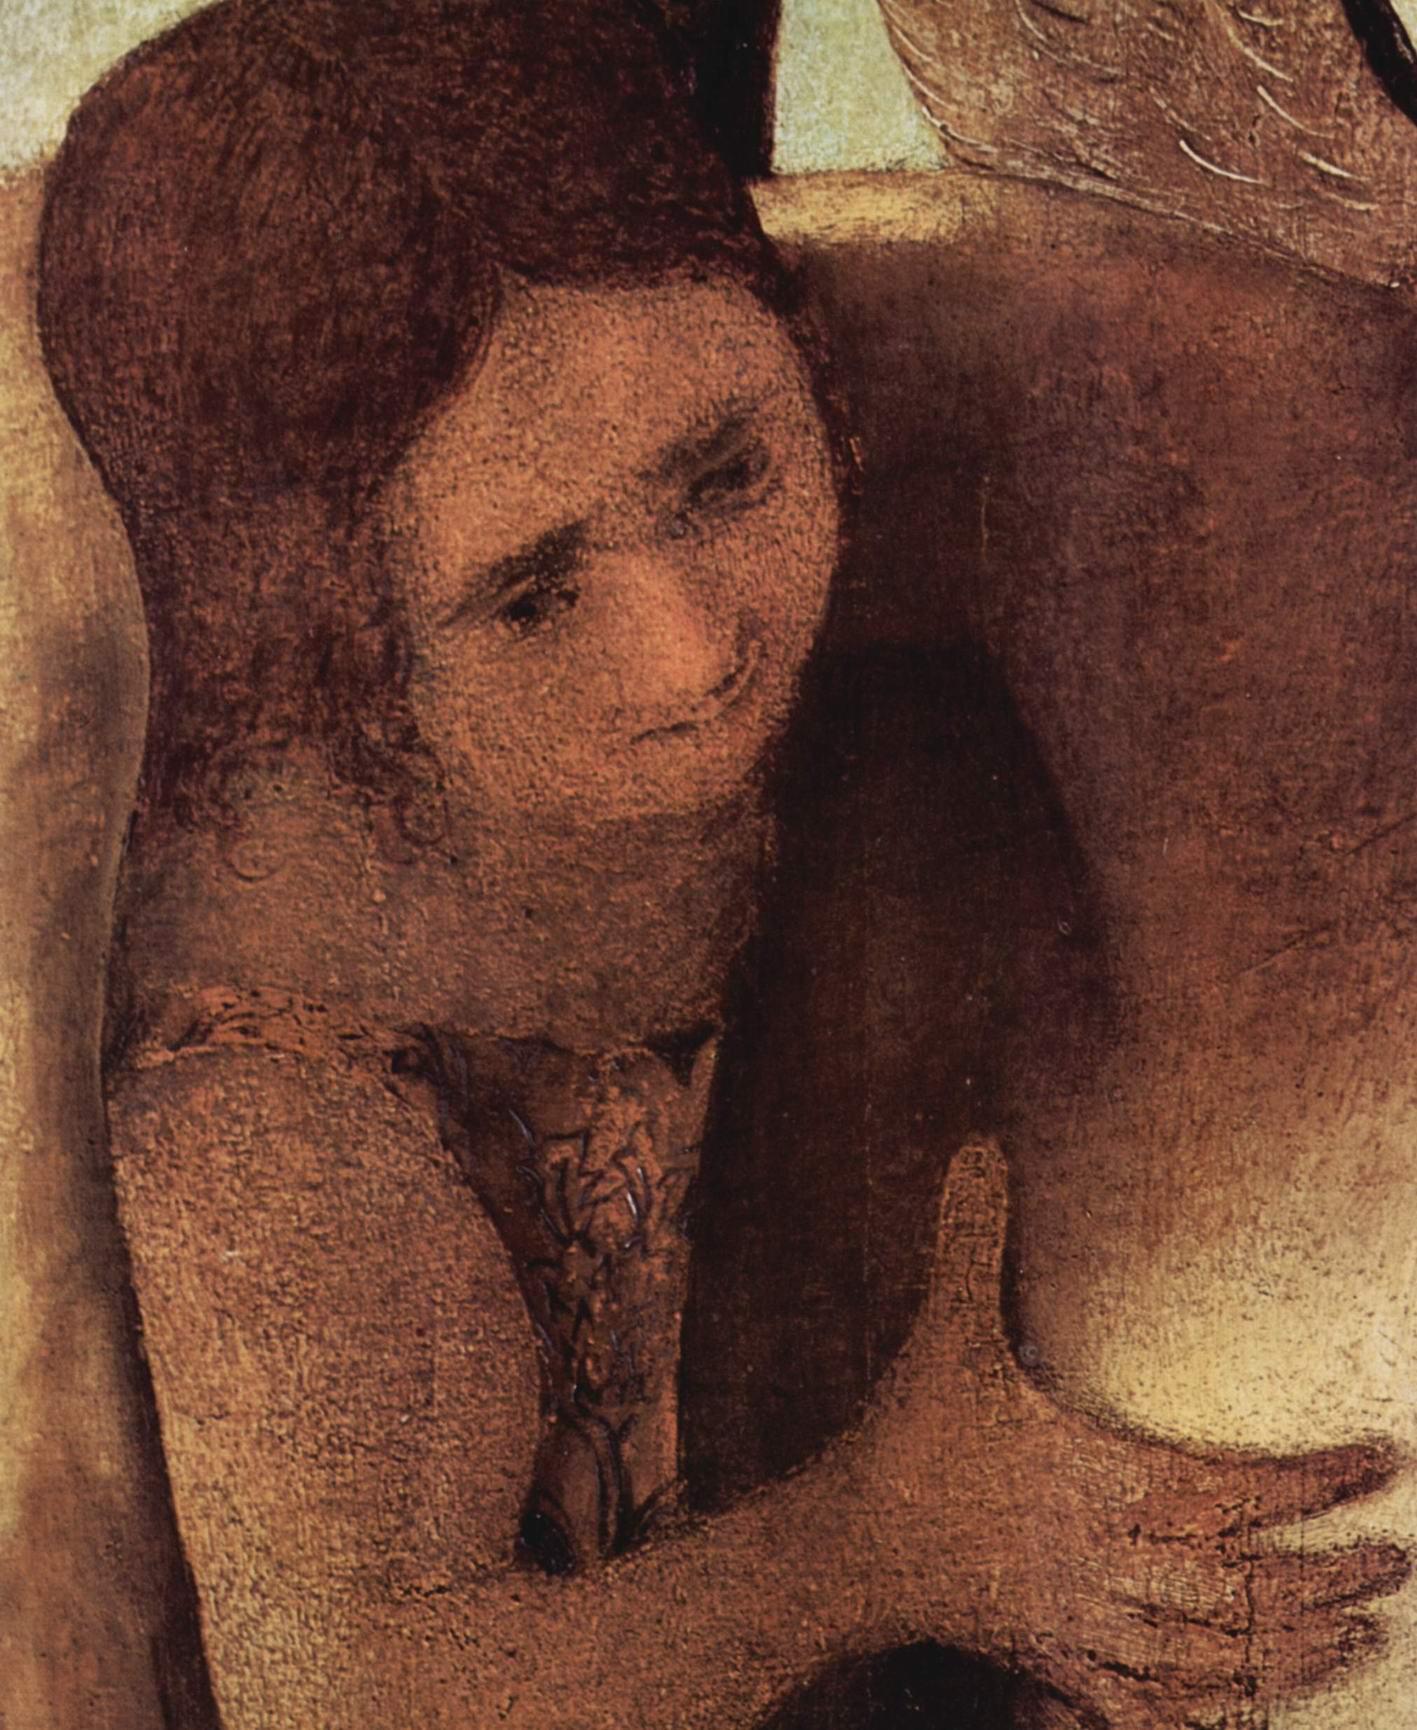 Пьета с тремя ангелами, фрагмент. Деталь  ангел, Антонелло да Мессина